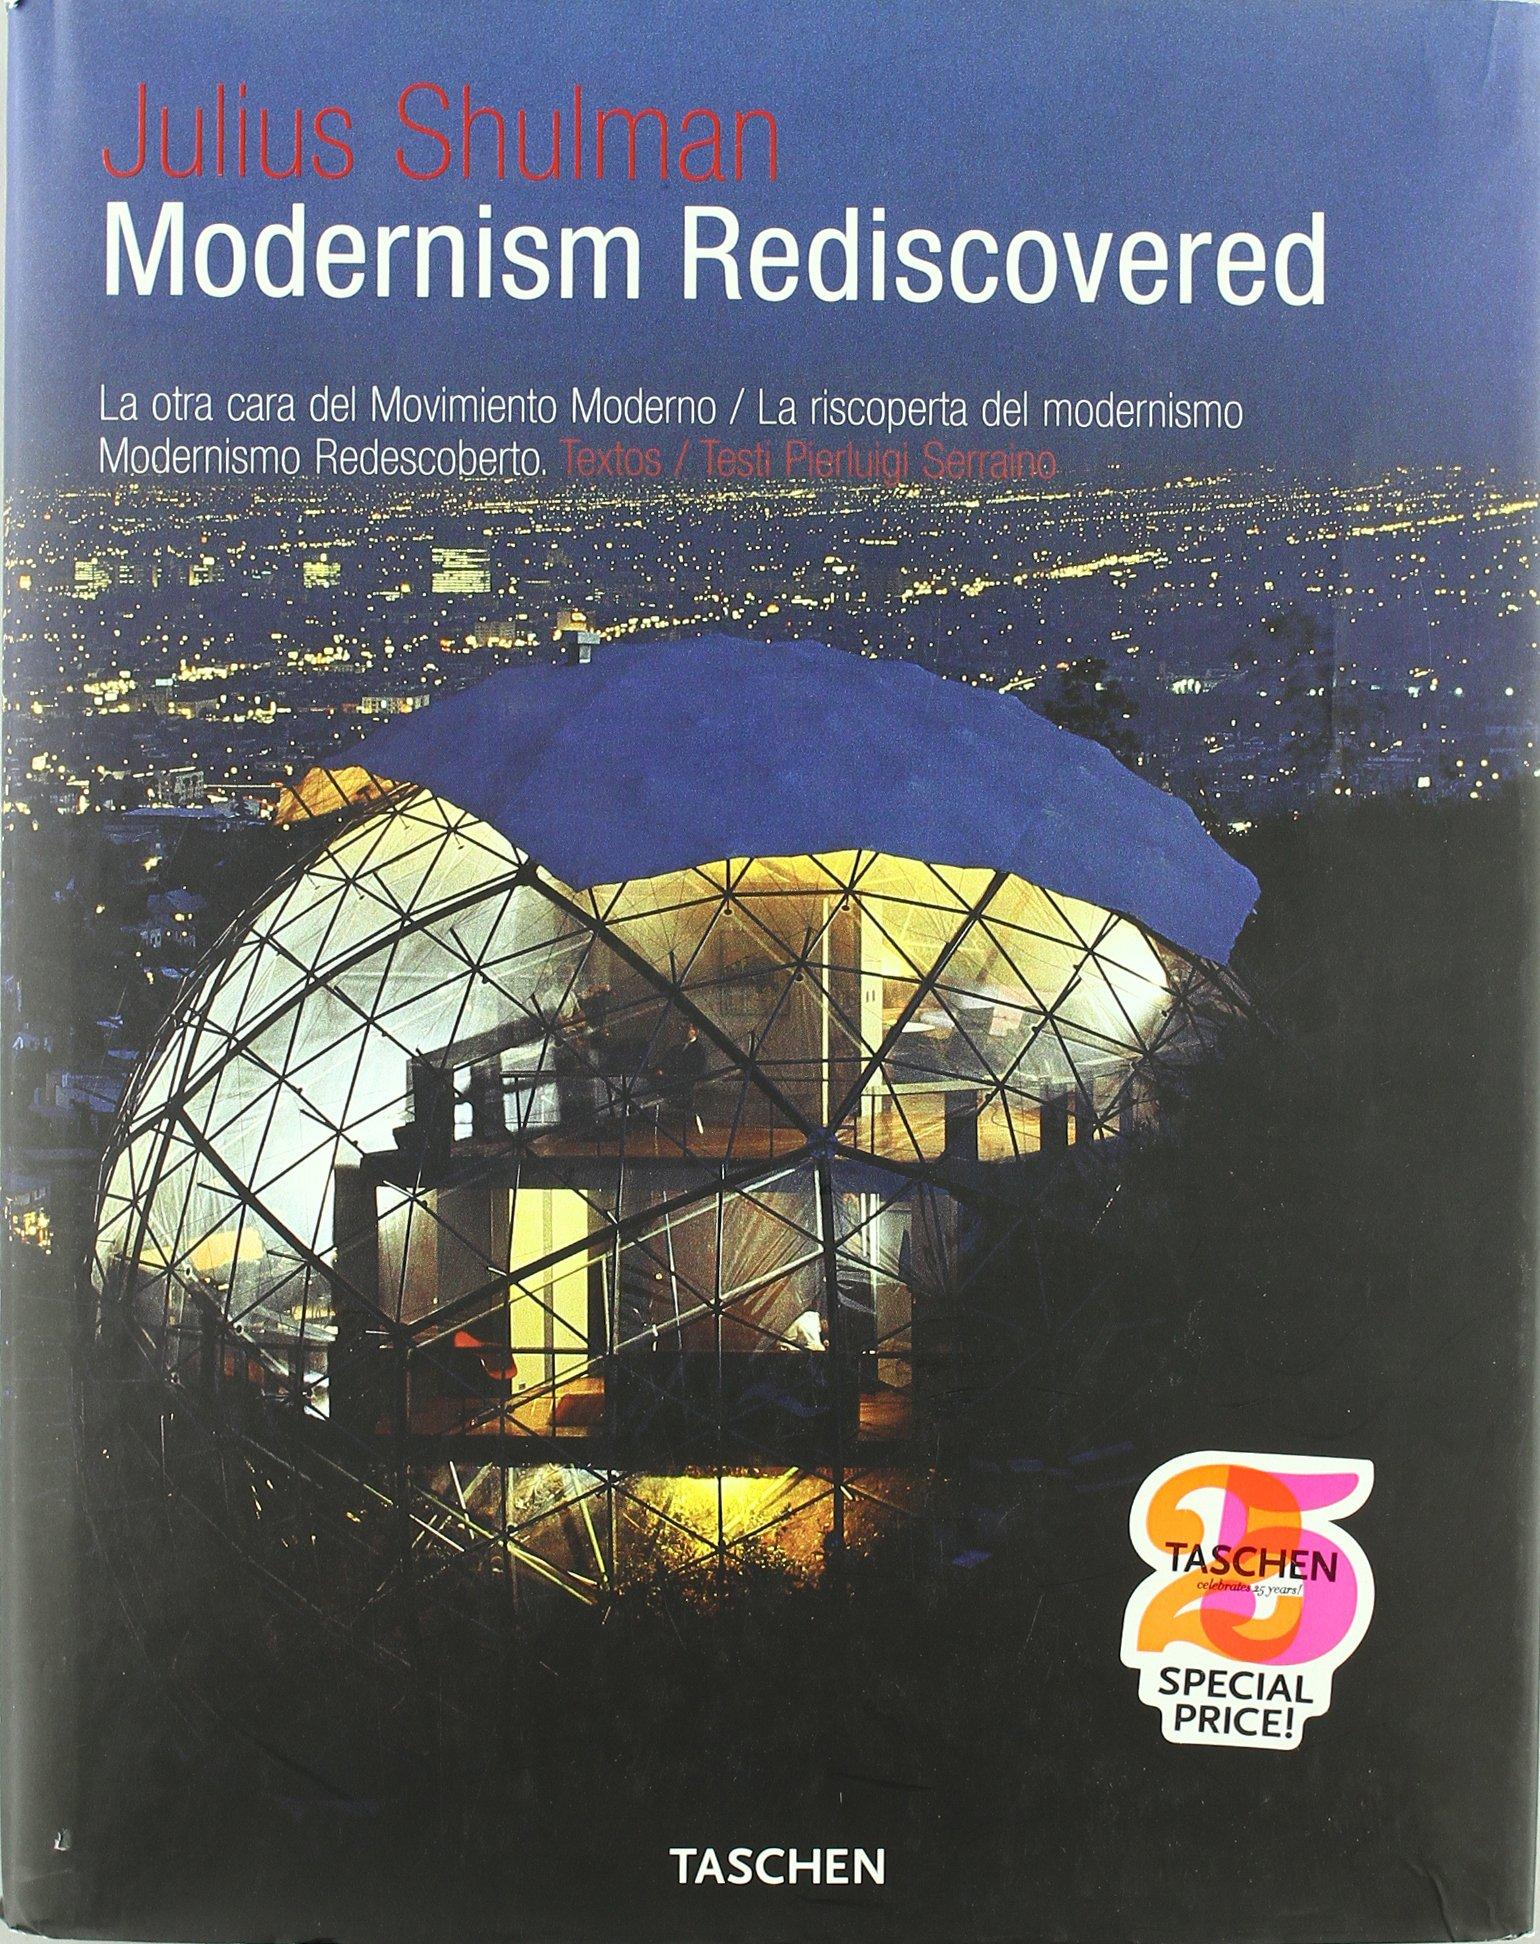 Julius Shulman. Modernism Rediscovered (Taschen 25. Aniversario)